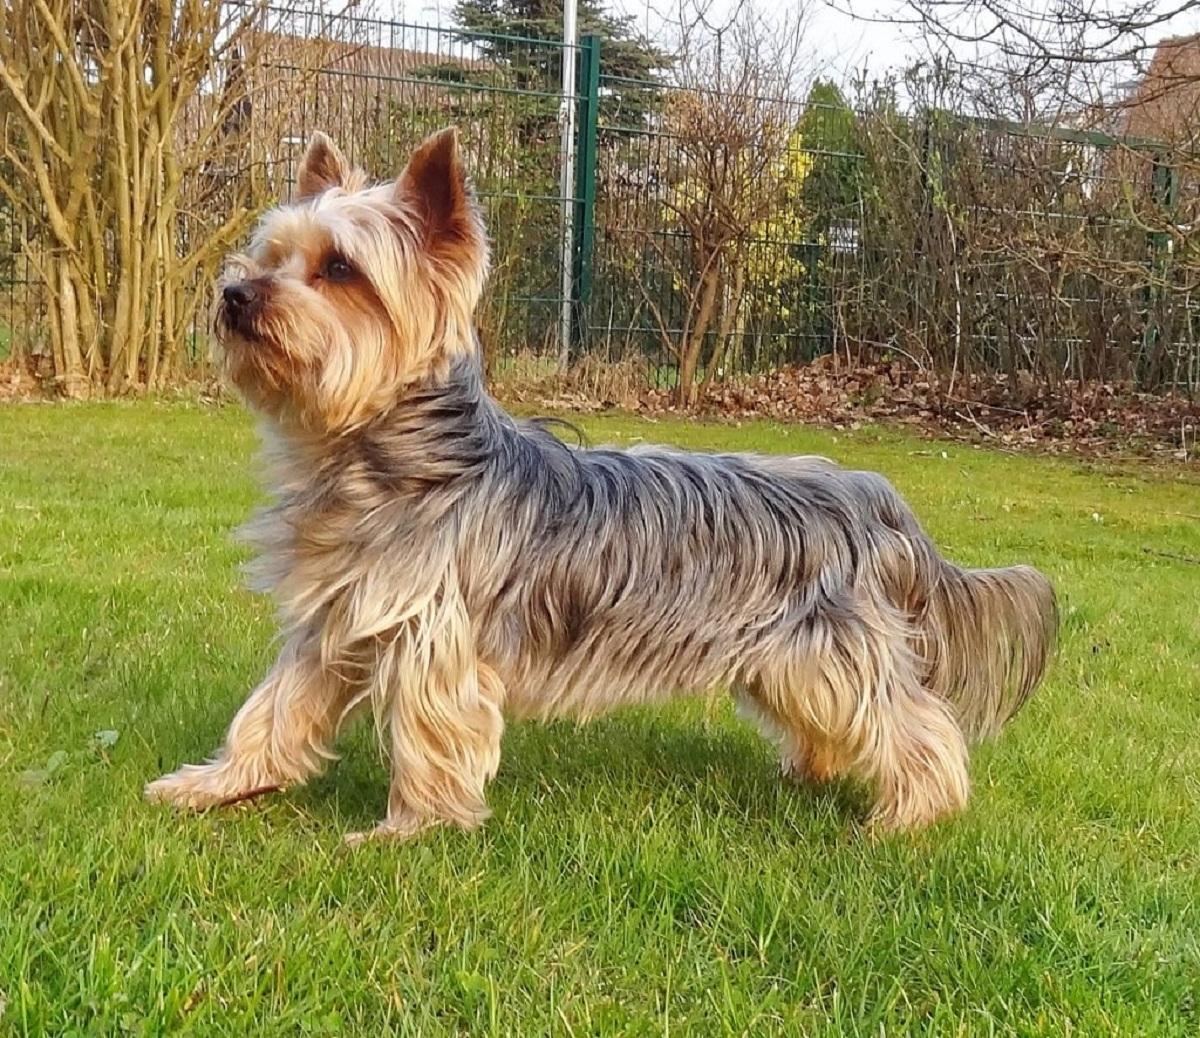 perro de la familia de los terrier llamado Australian Silky Terrier